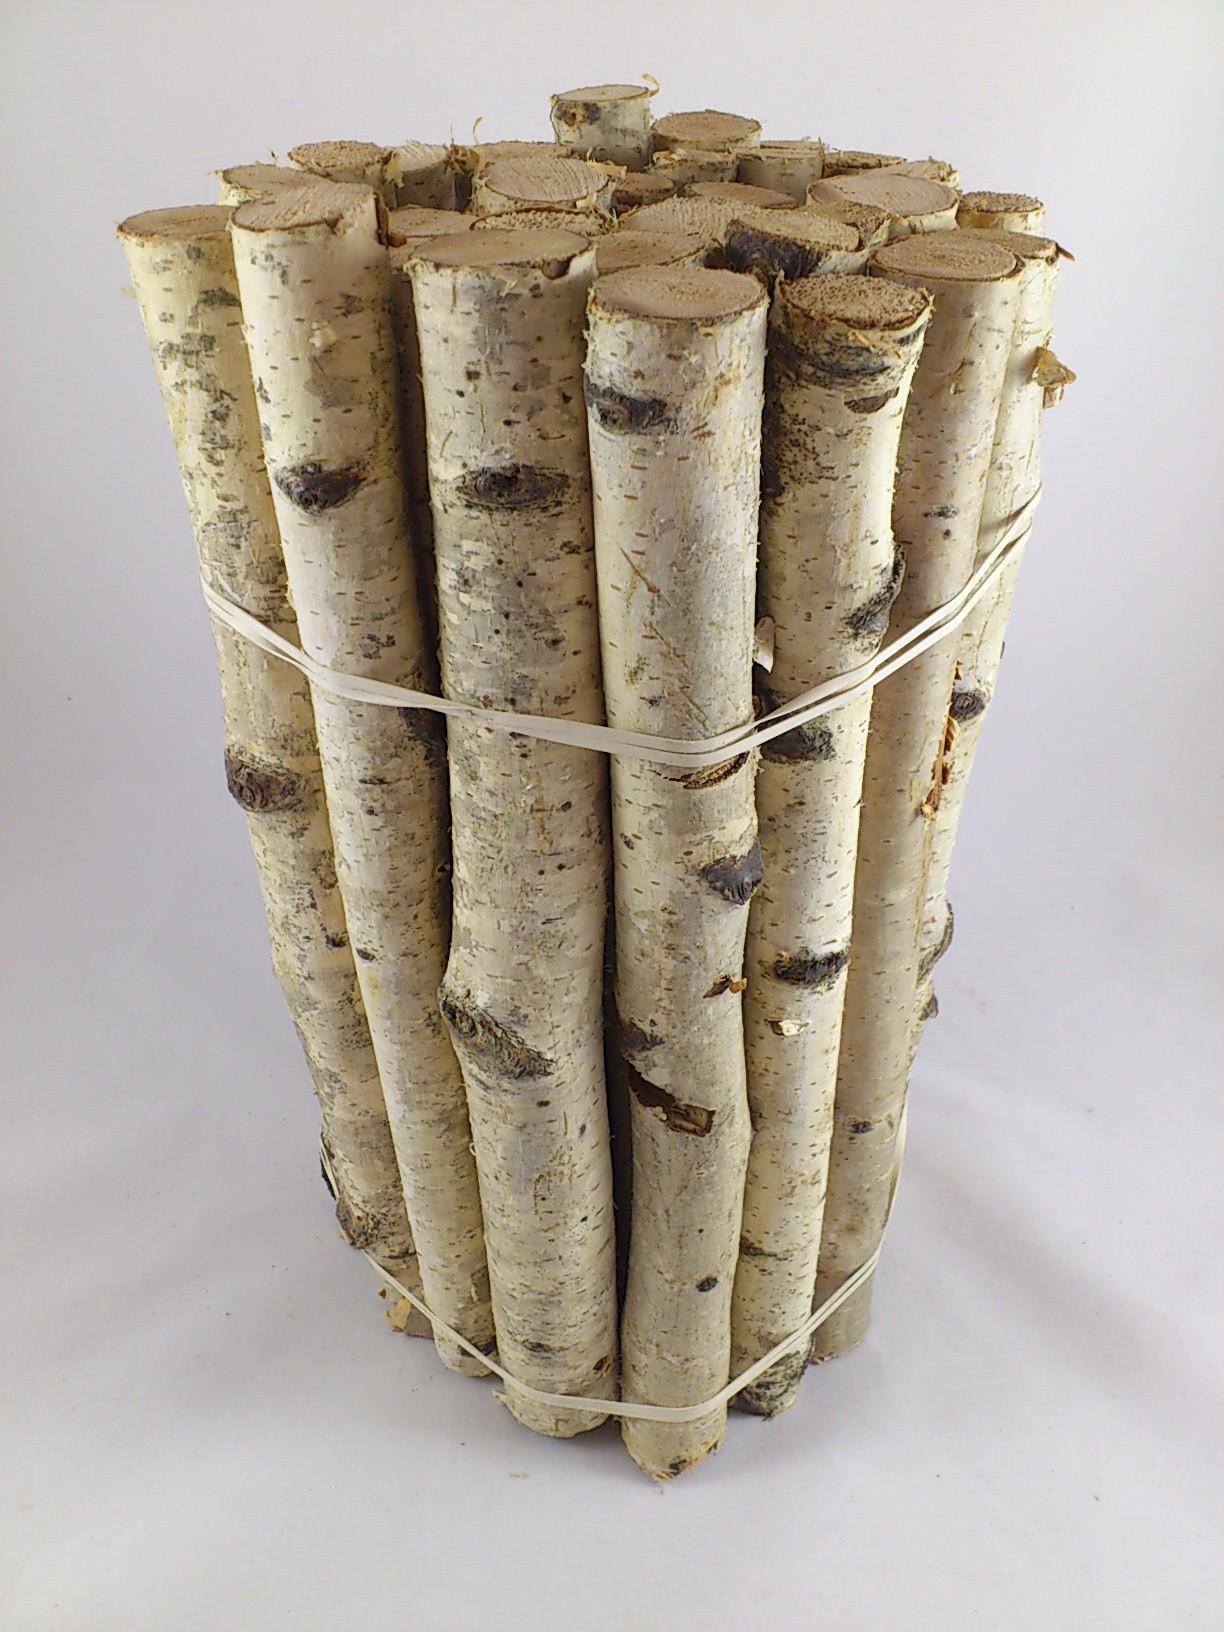 Bouleau petit troncs bundle 30 cm bloemschikken verzending va 30 - Blootgestelde houten bundel ...